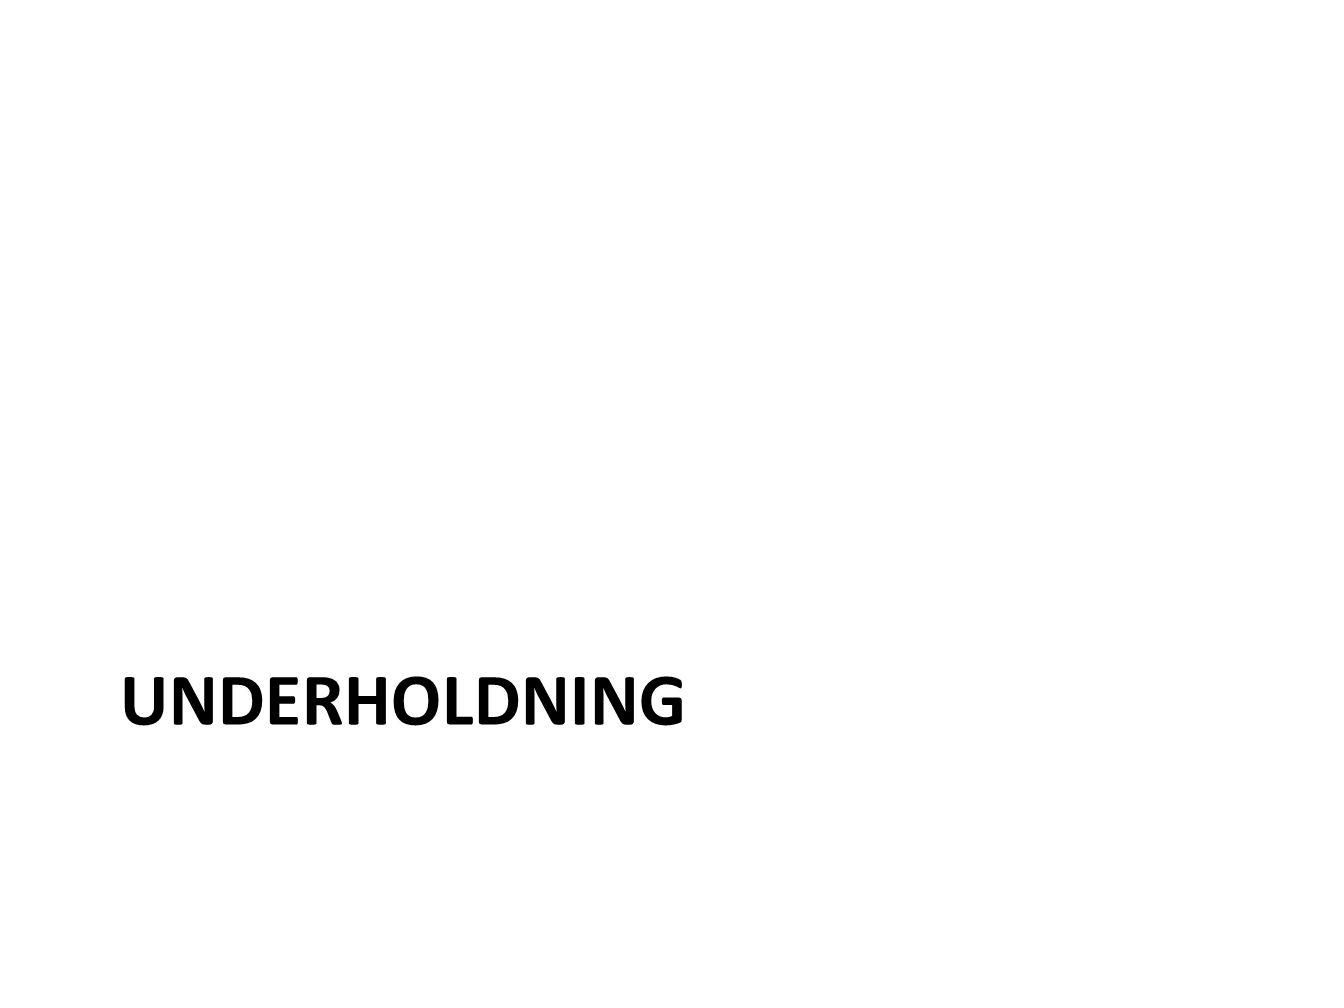 UNDERHOLDNING